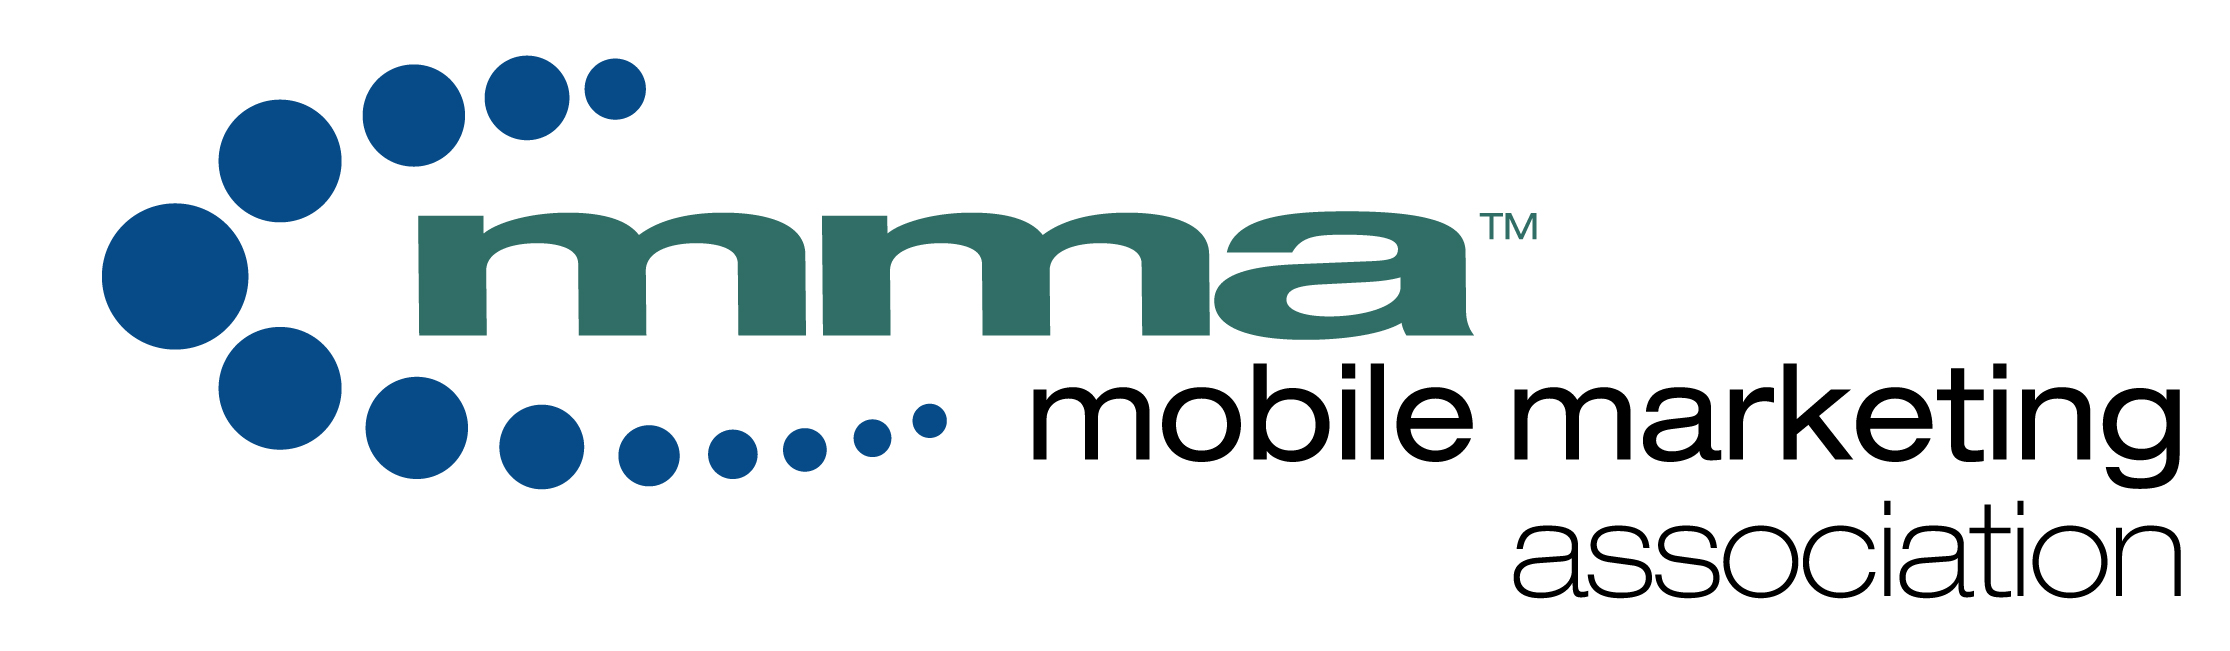 mma_logo_3color